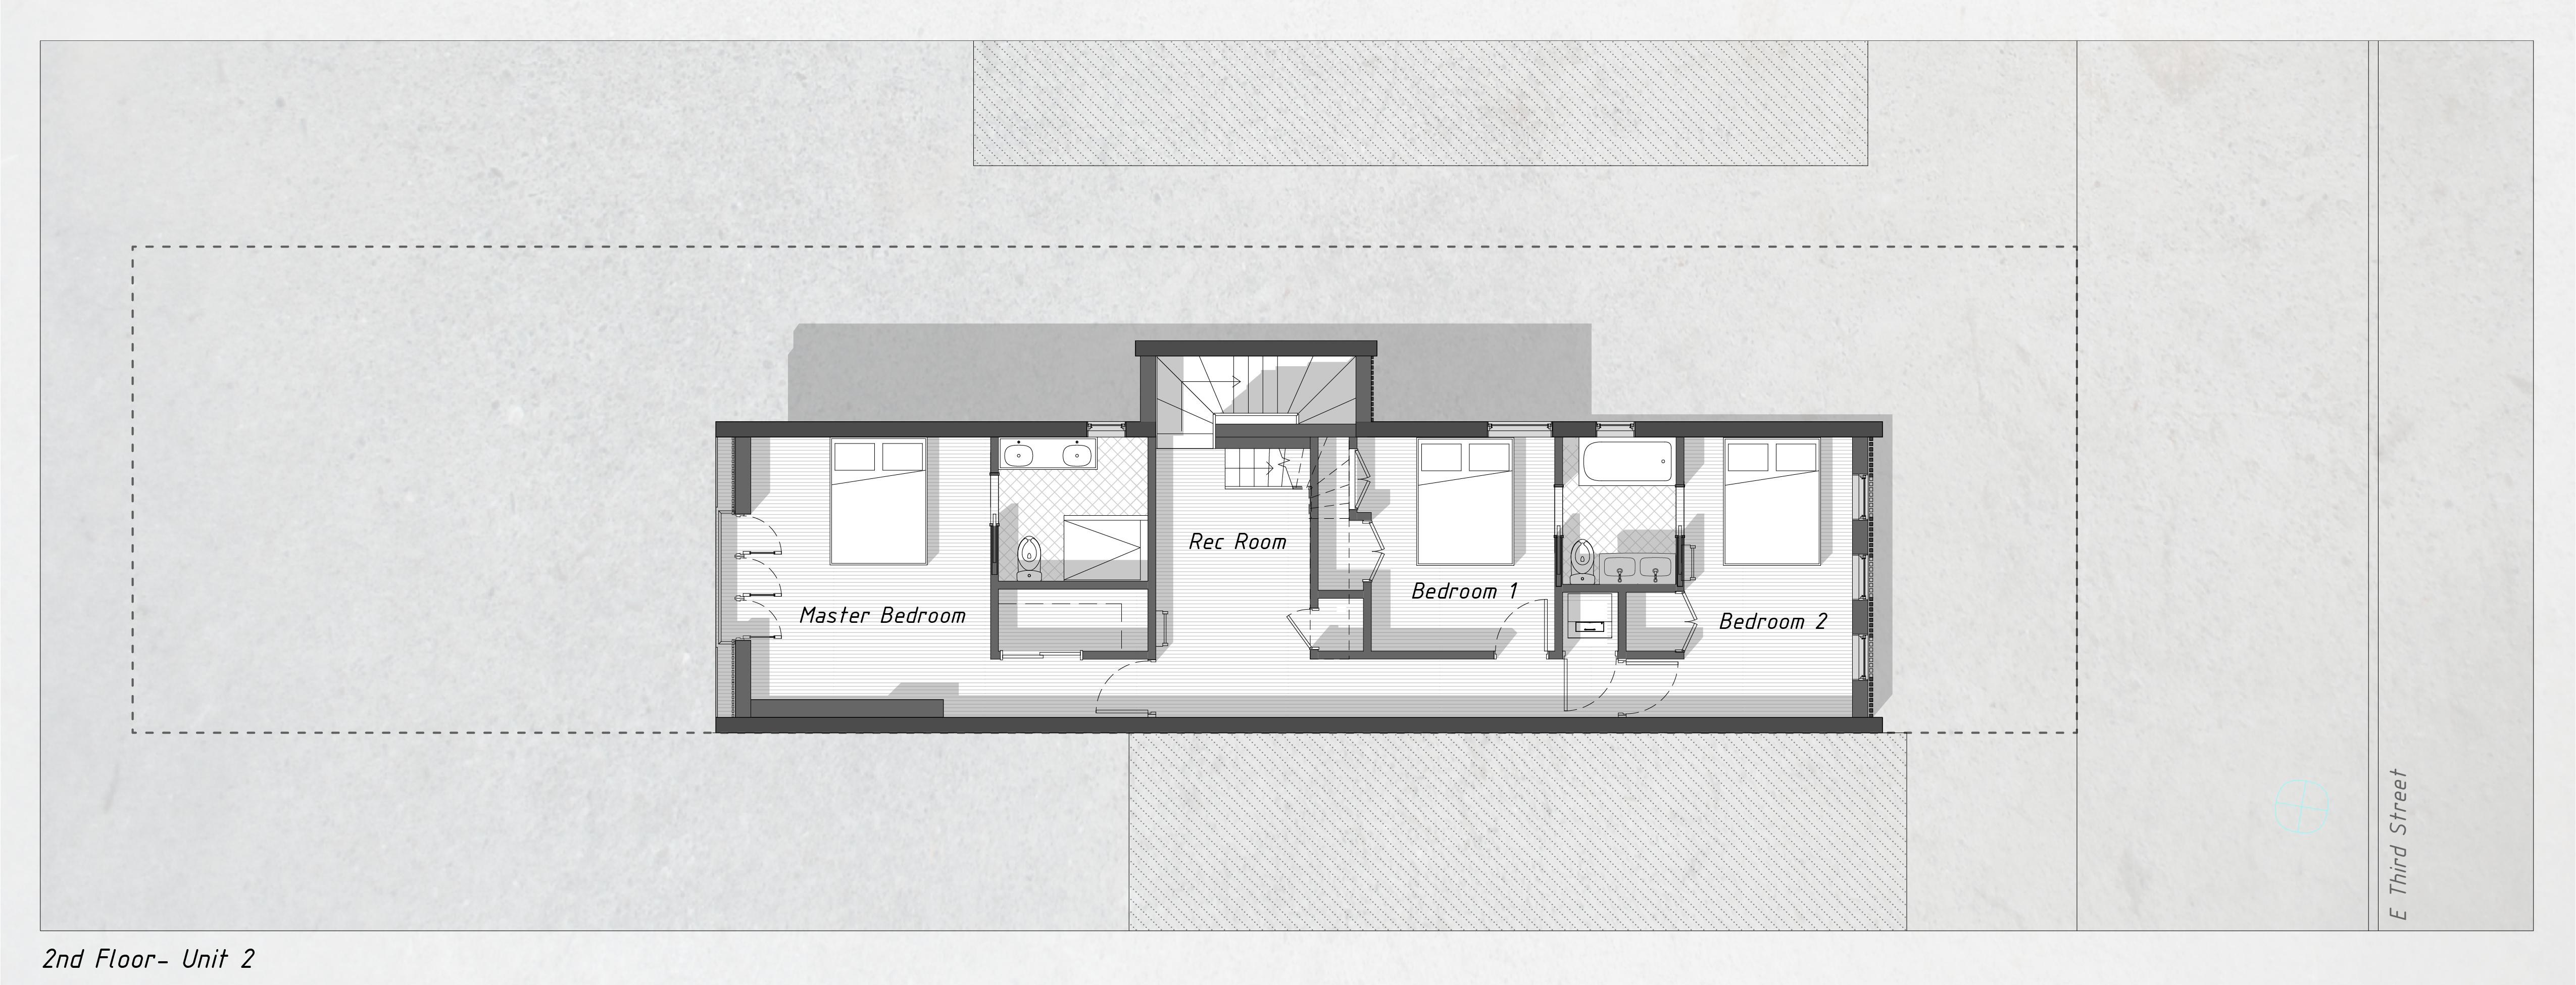 floorplans-03